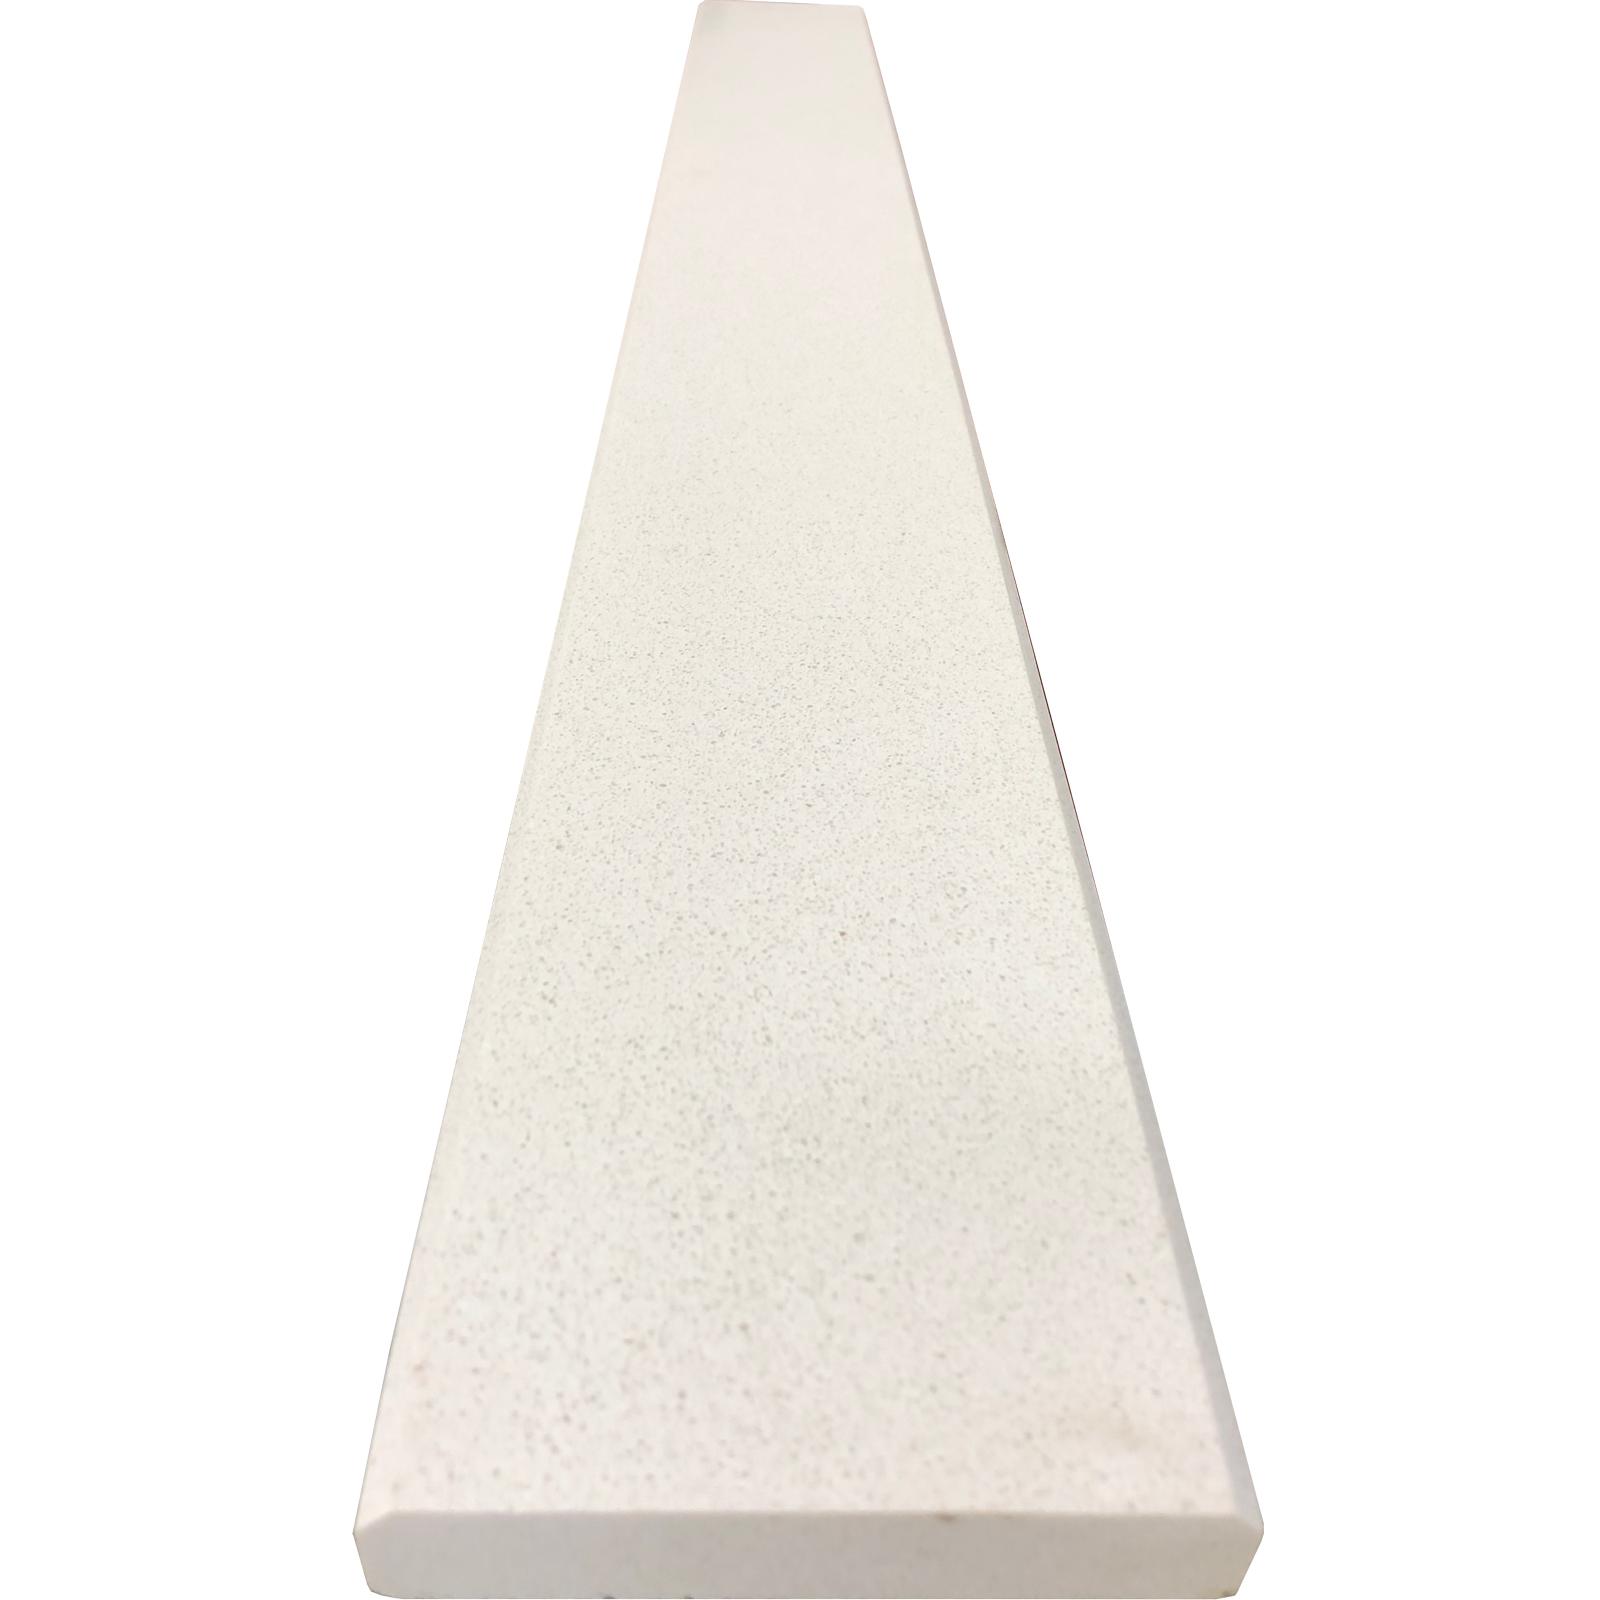 4 X 24 Saddle Threshold Quartz Stone